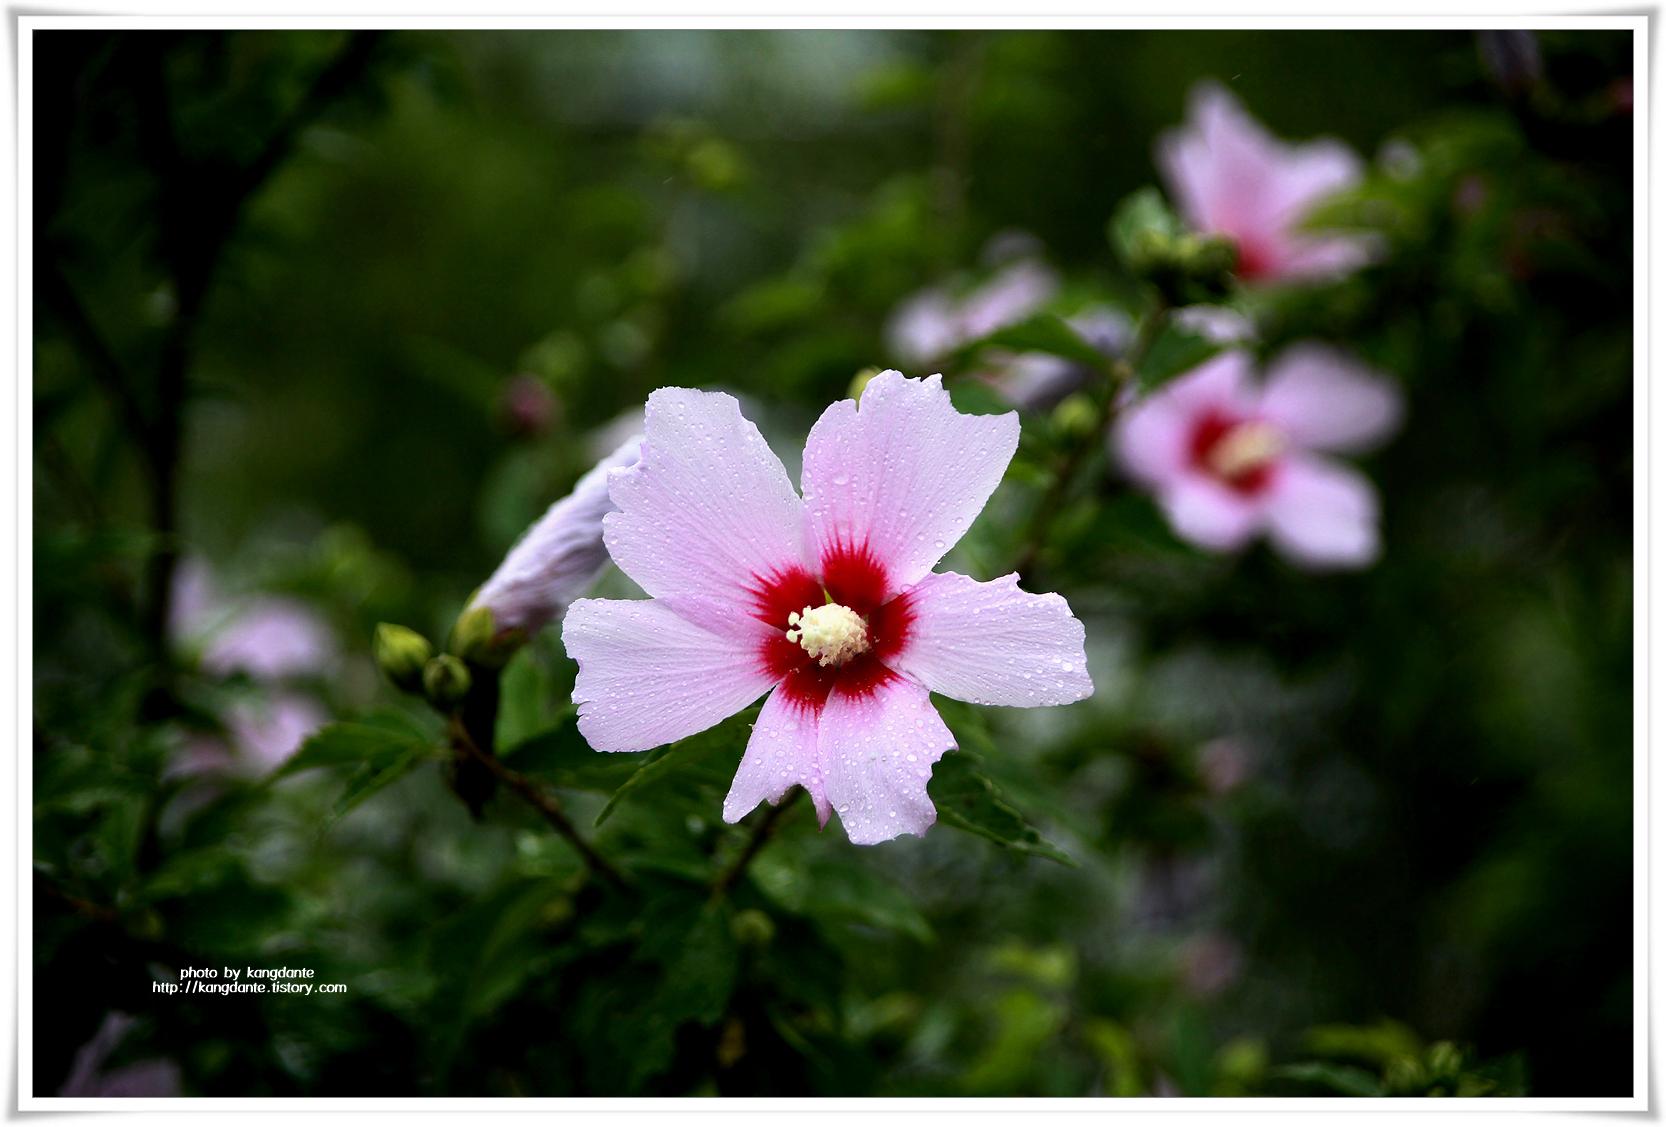 화사하고 아름다운 우리나라꽃 무궁화(無窮花)